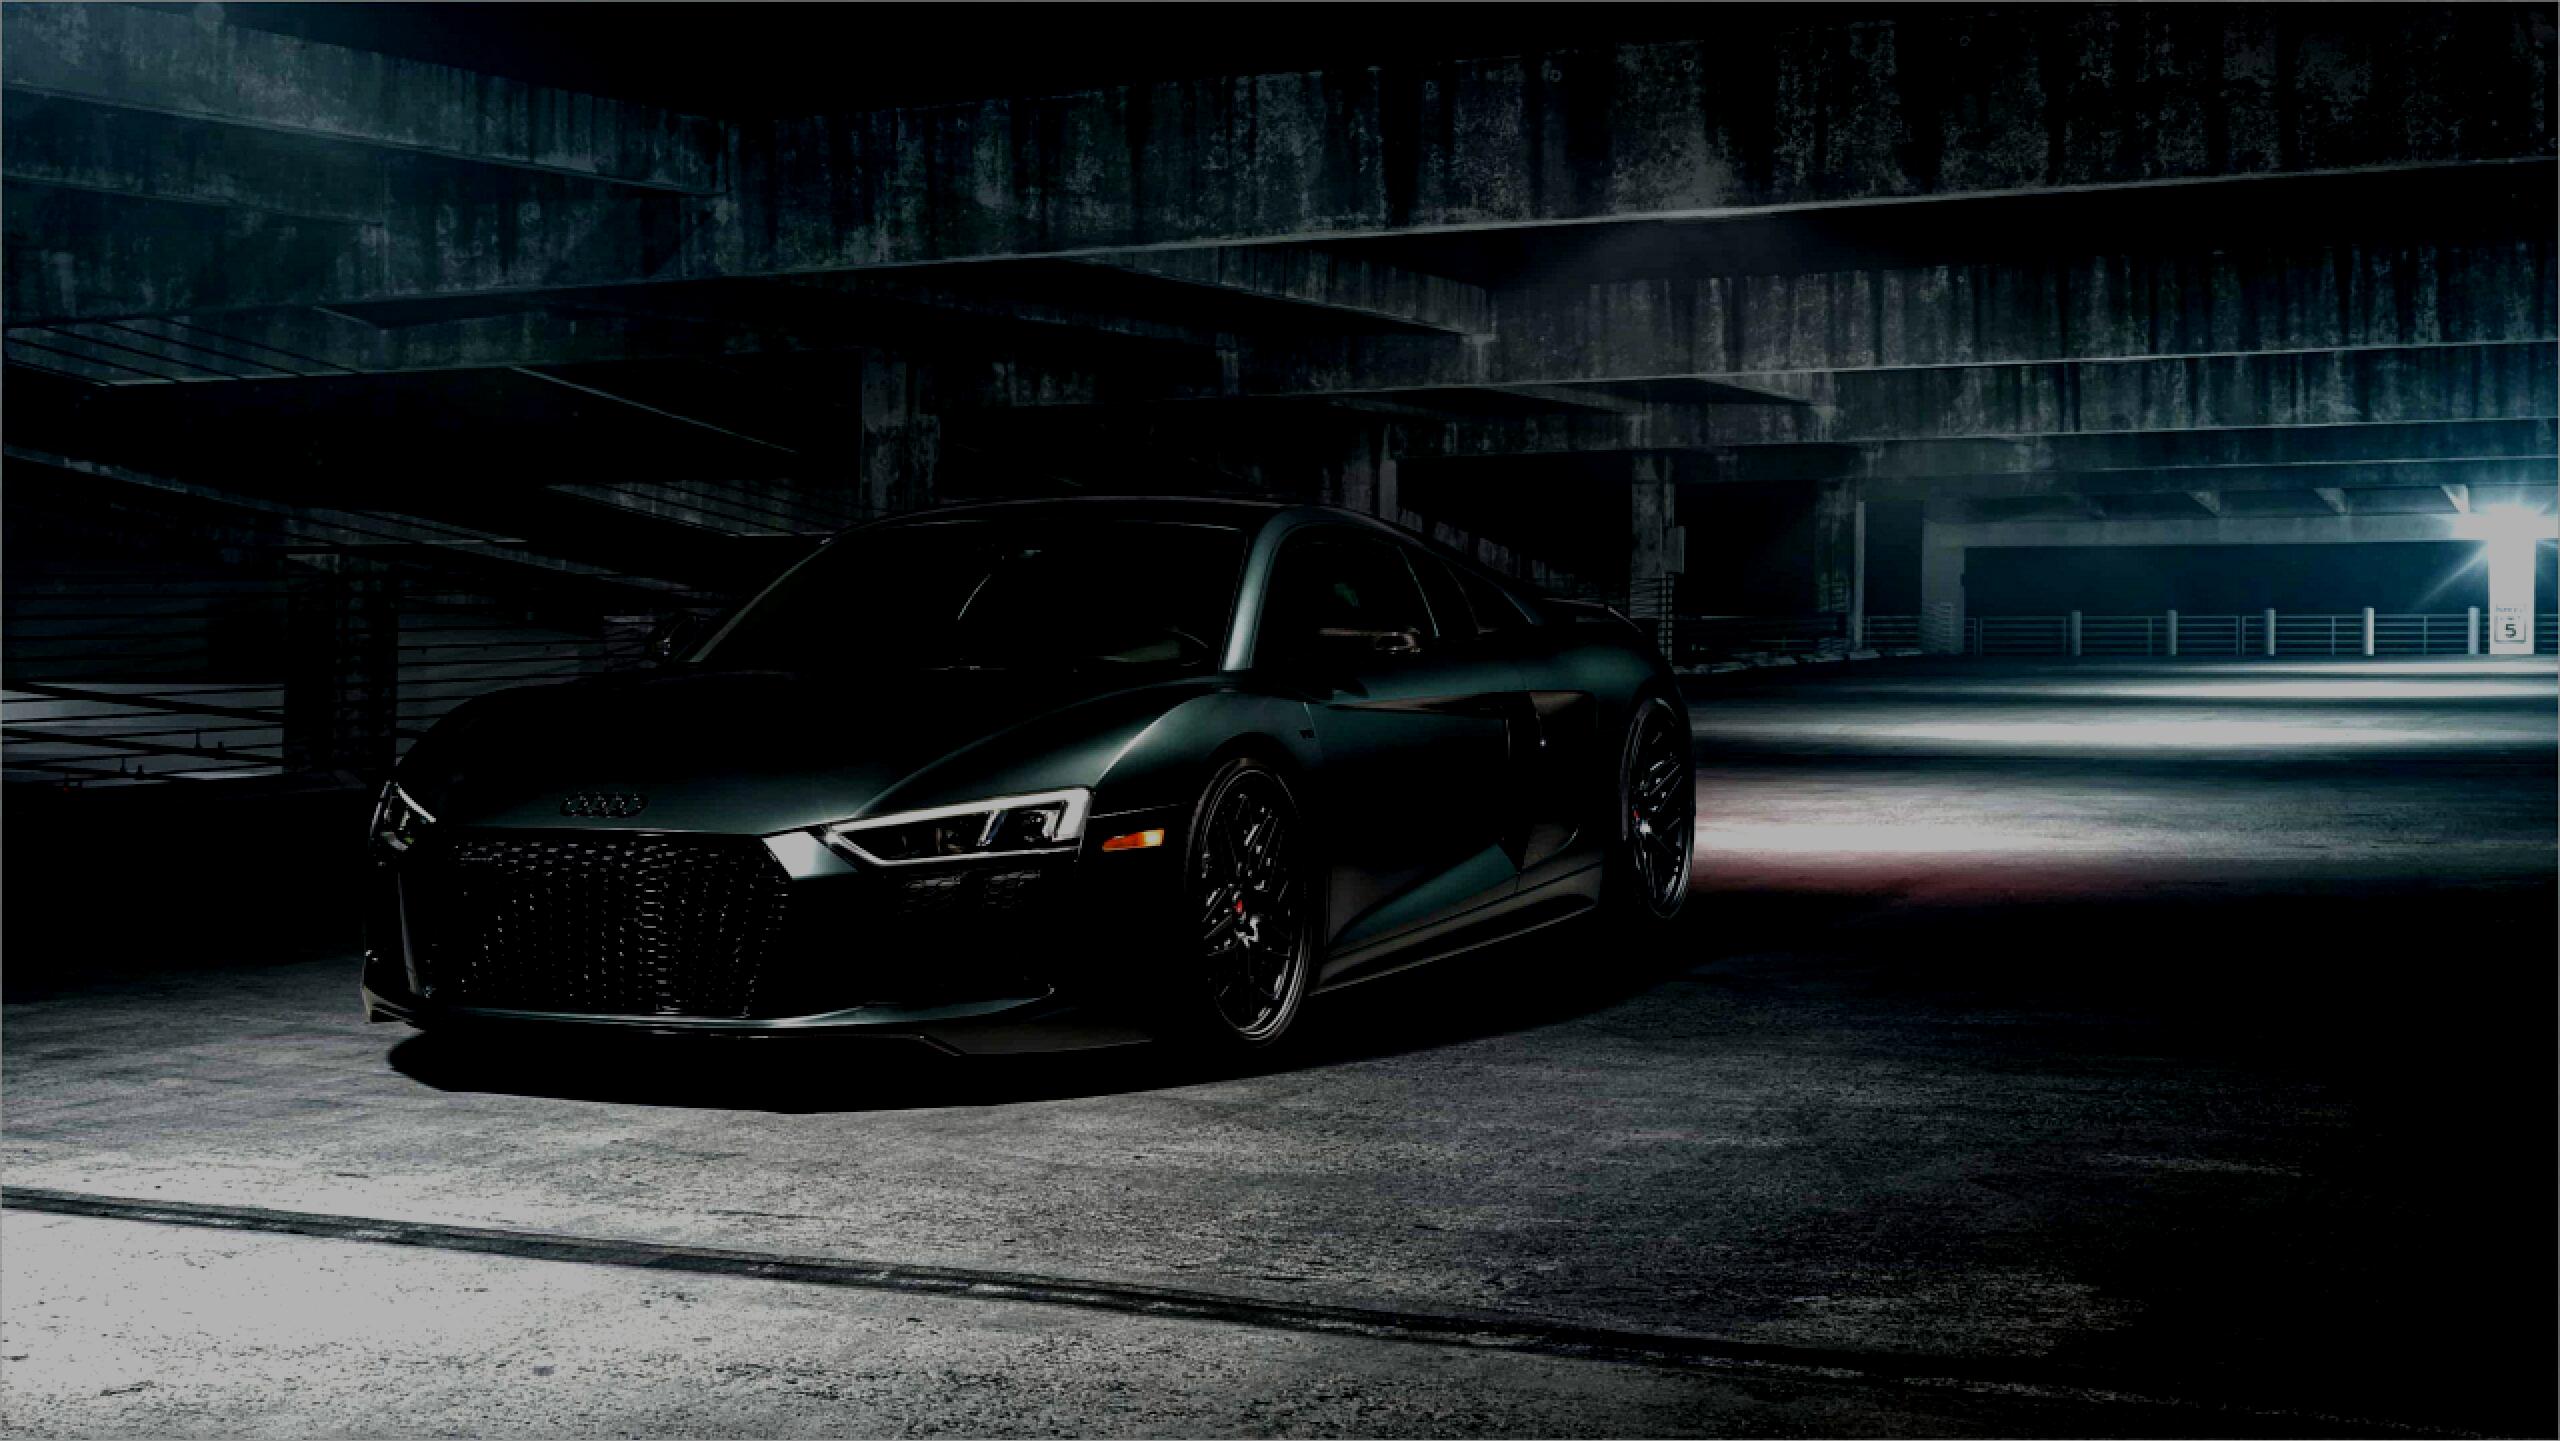 Audi Hd Wallpaper Car Wallpapers & Audi Hd Wallpaper in ...